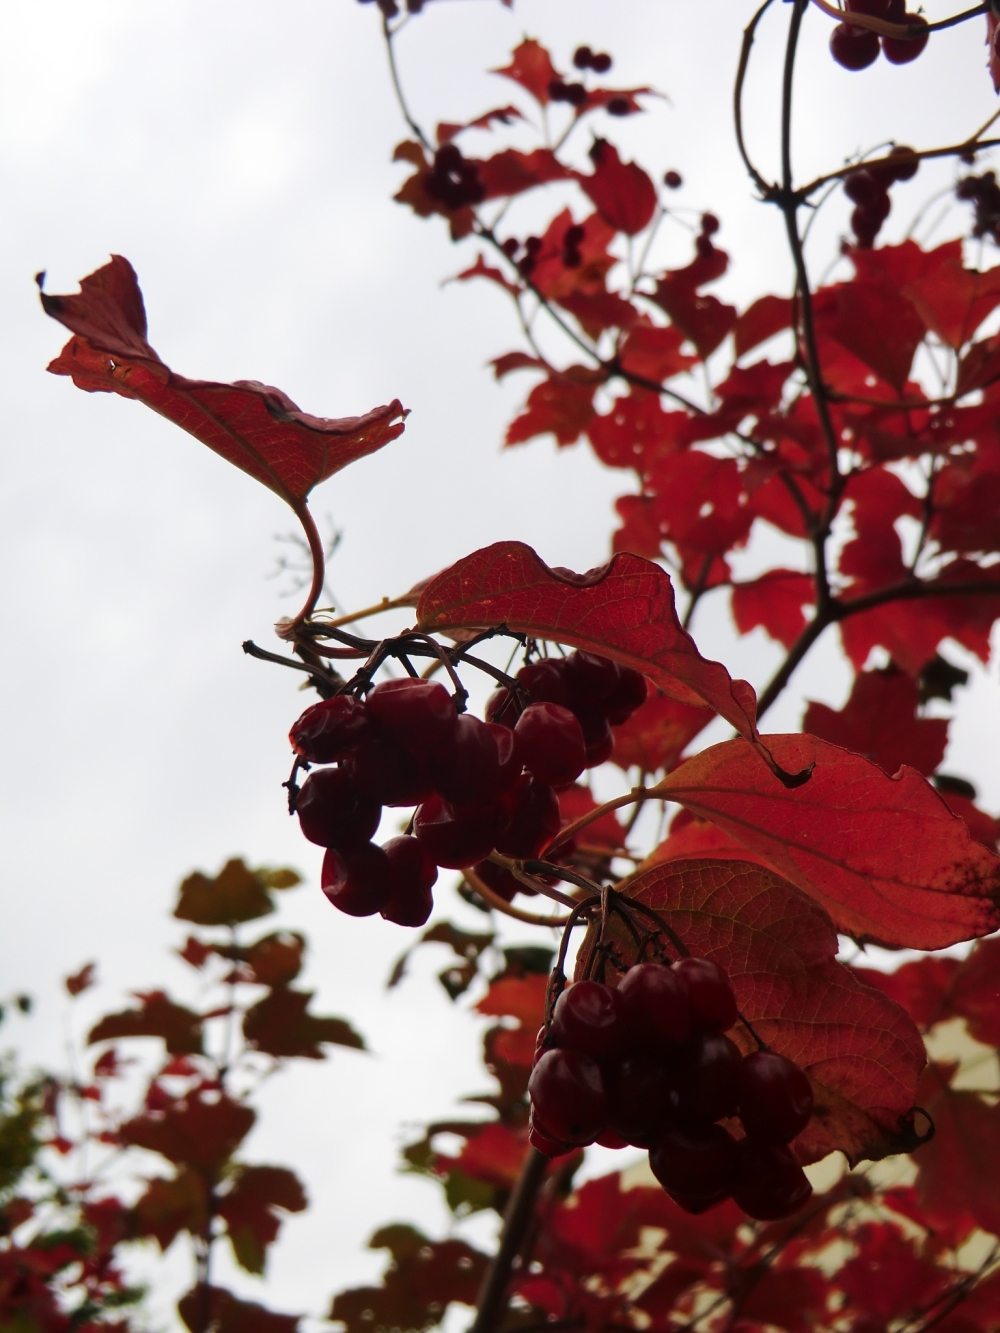 Le flamenco s'y danse de feuilles rouges